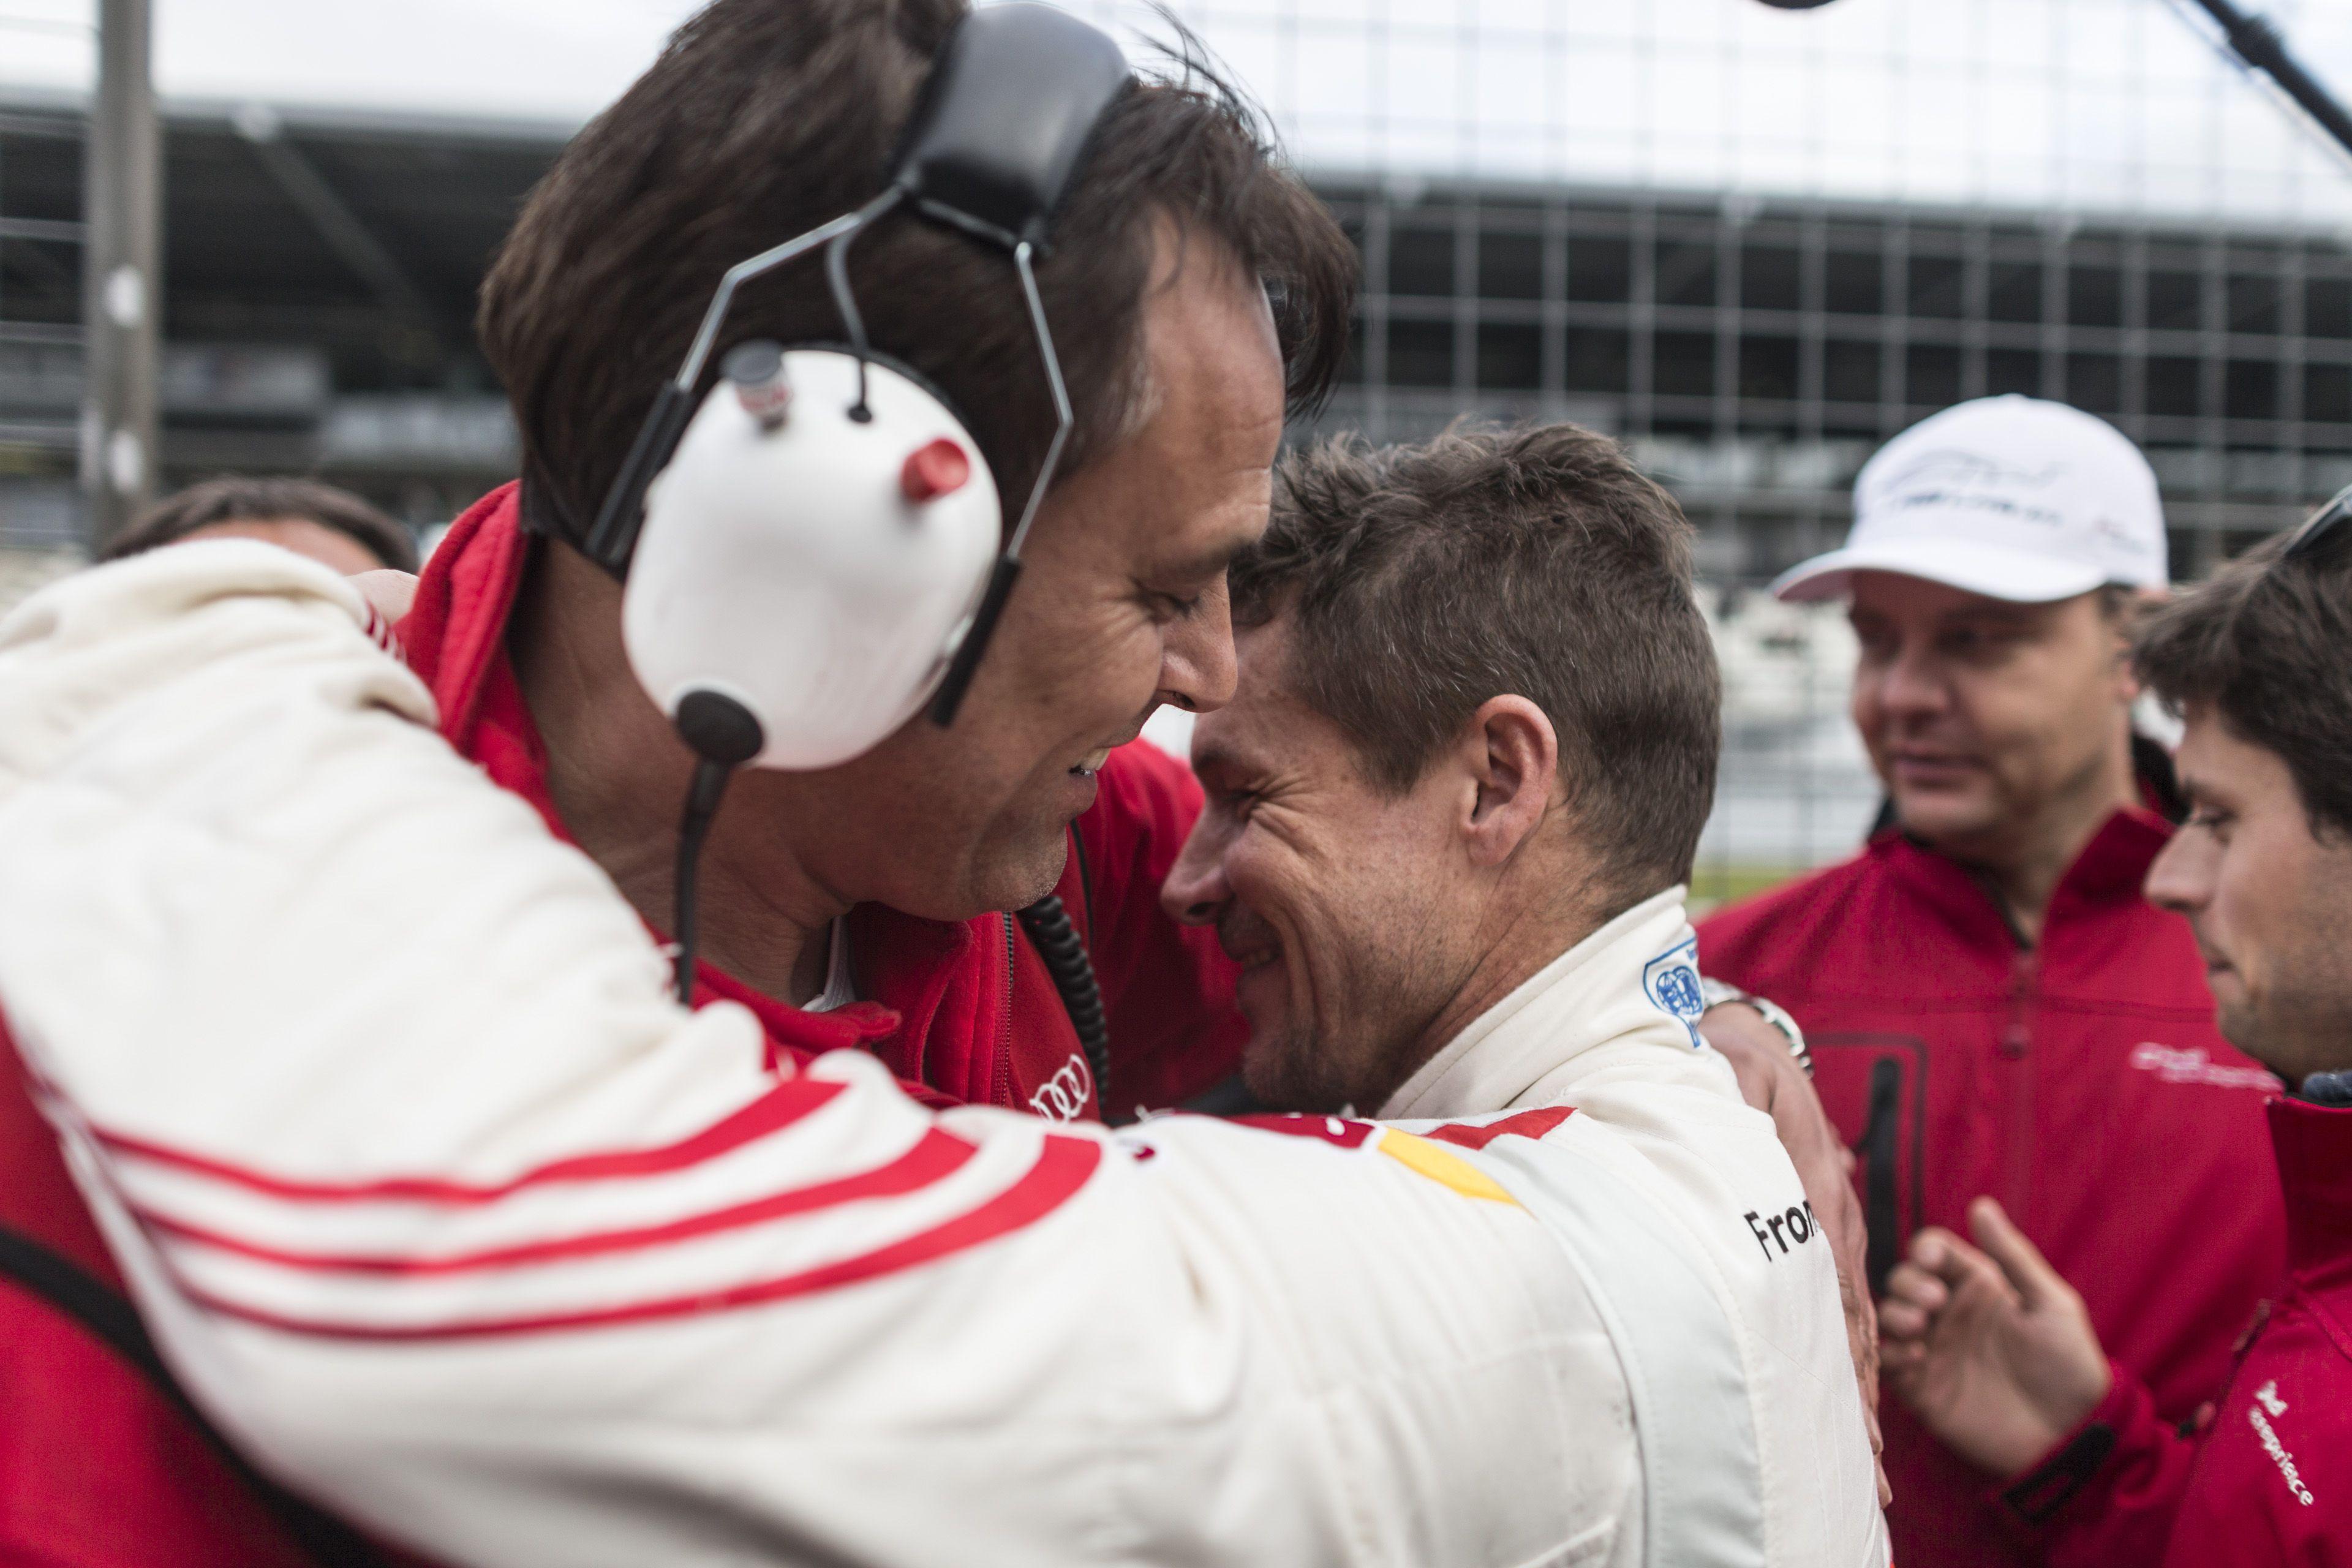 Qualirennen Nürburgring: Dankeschön an Teammanager Gerd Lambert / Qualification race Nürburgring: Saying thank you to team manager Gerd Lambert